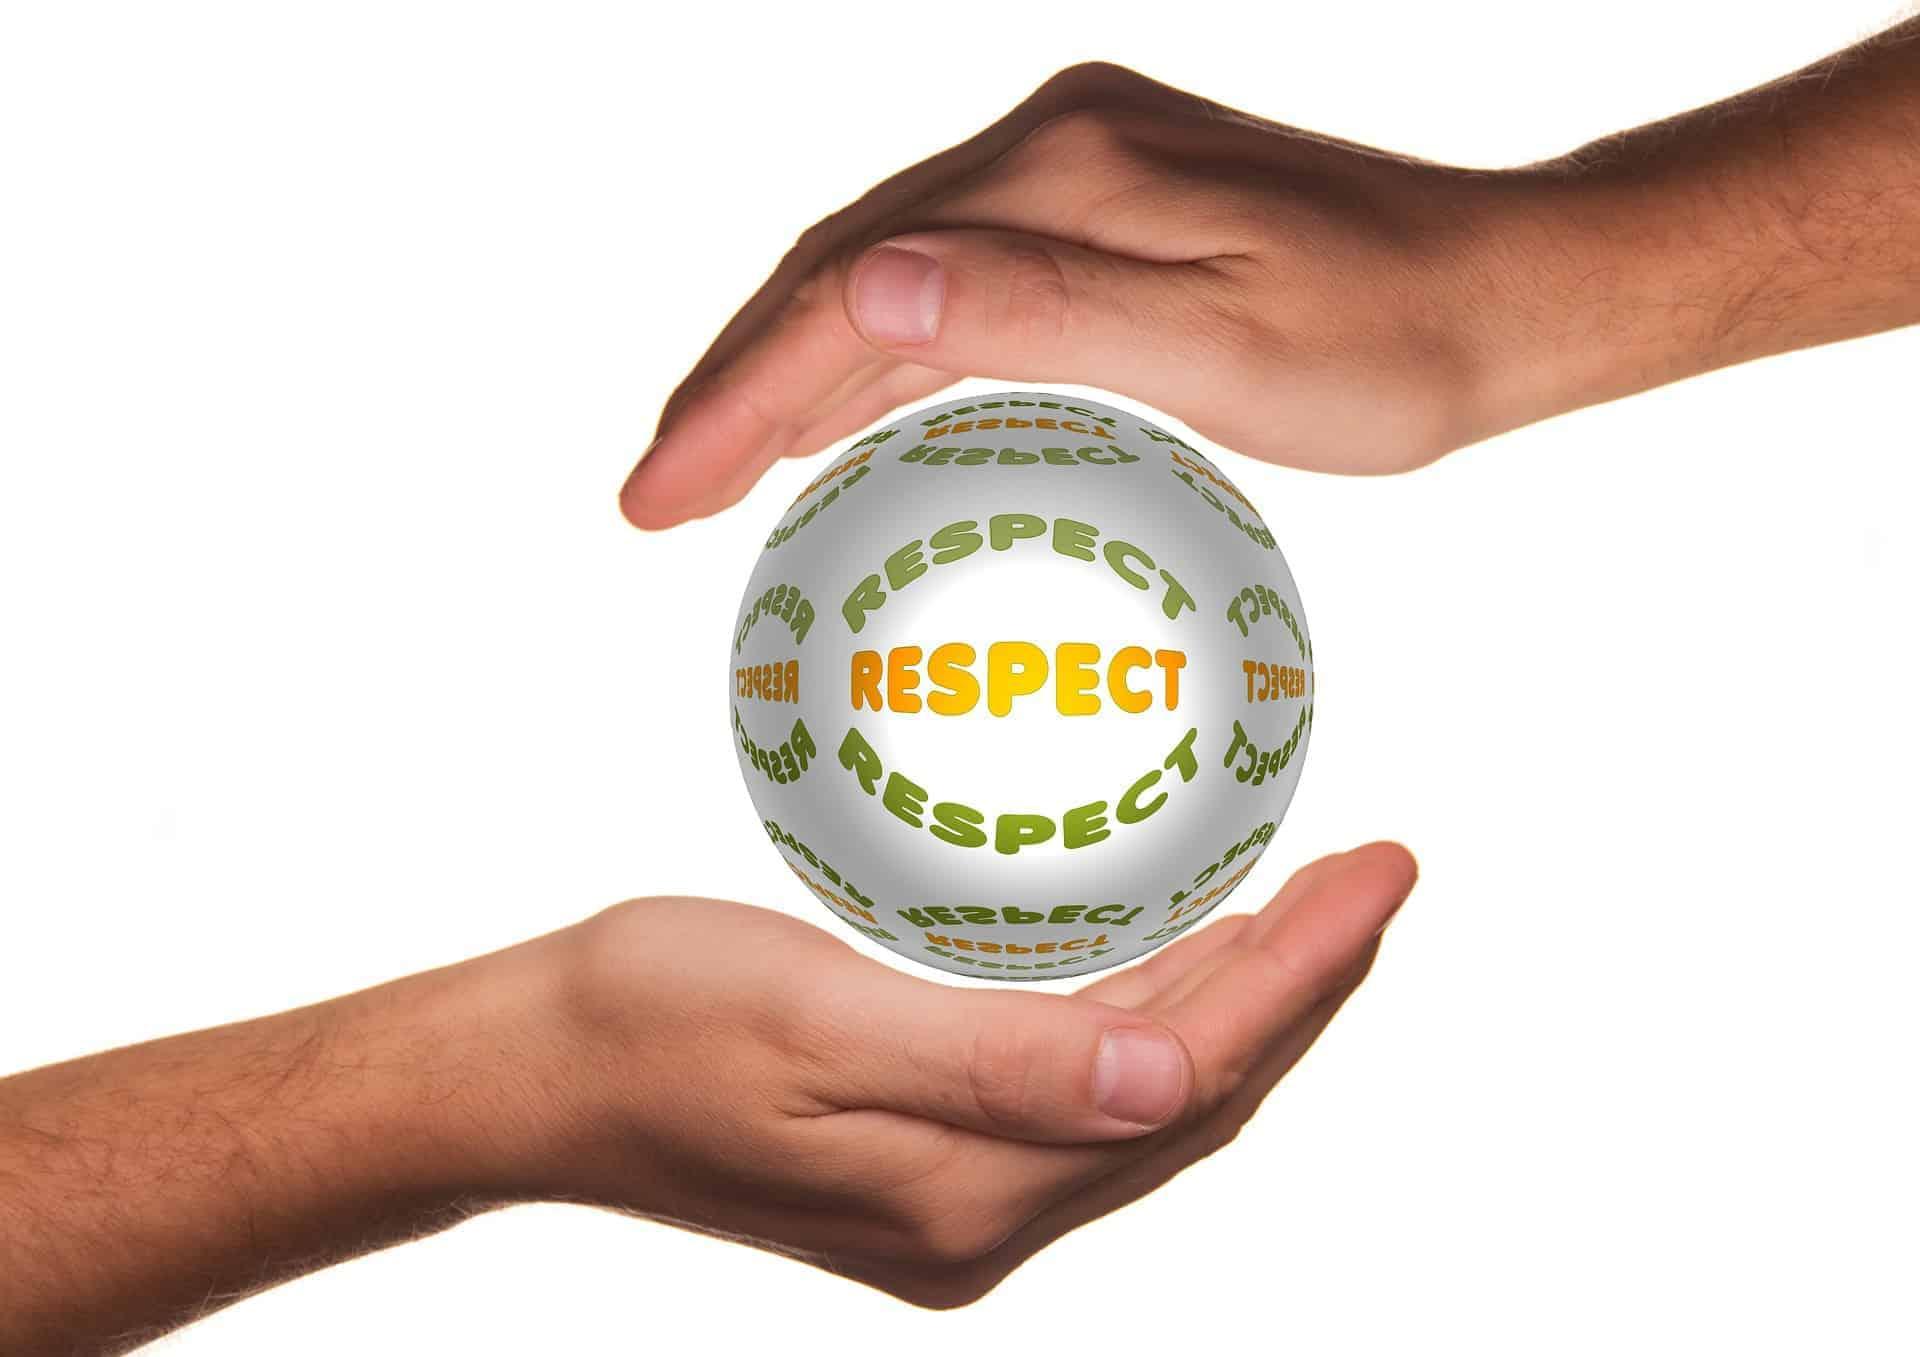 Wann lernen Kinder Respekt?